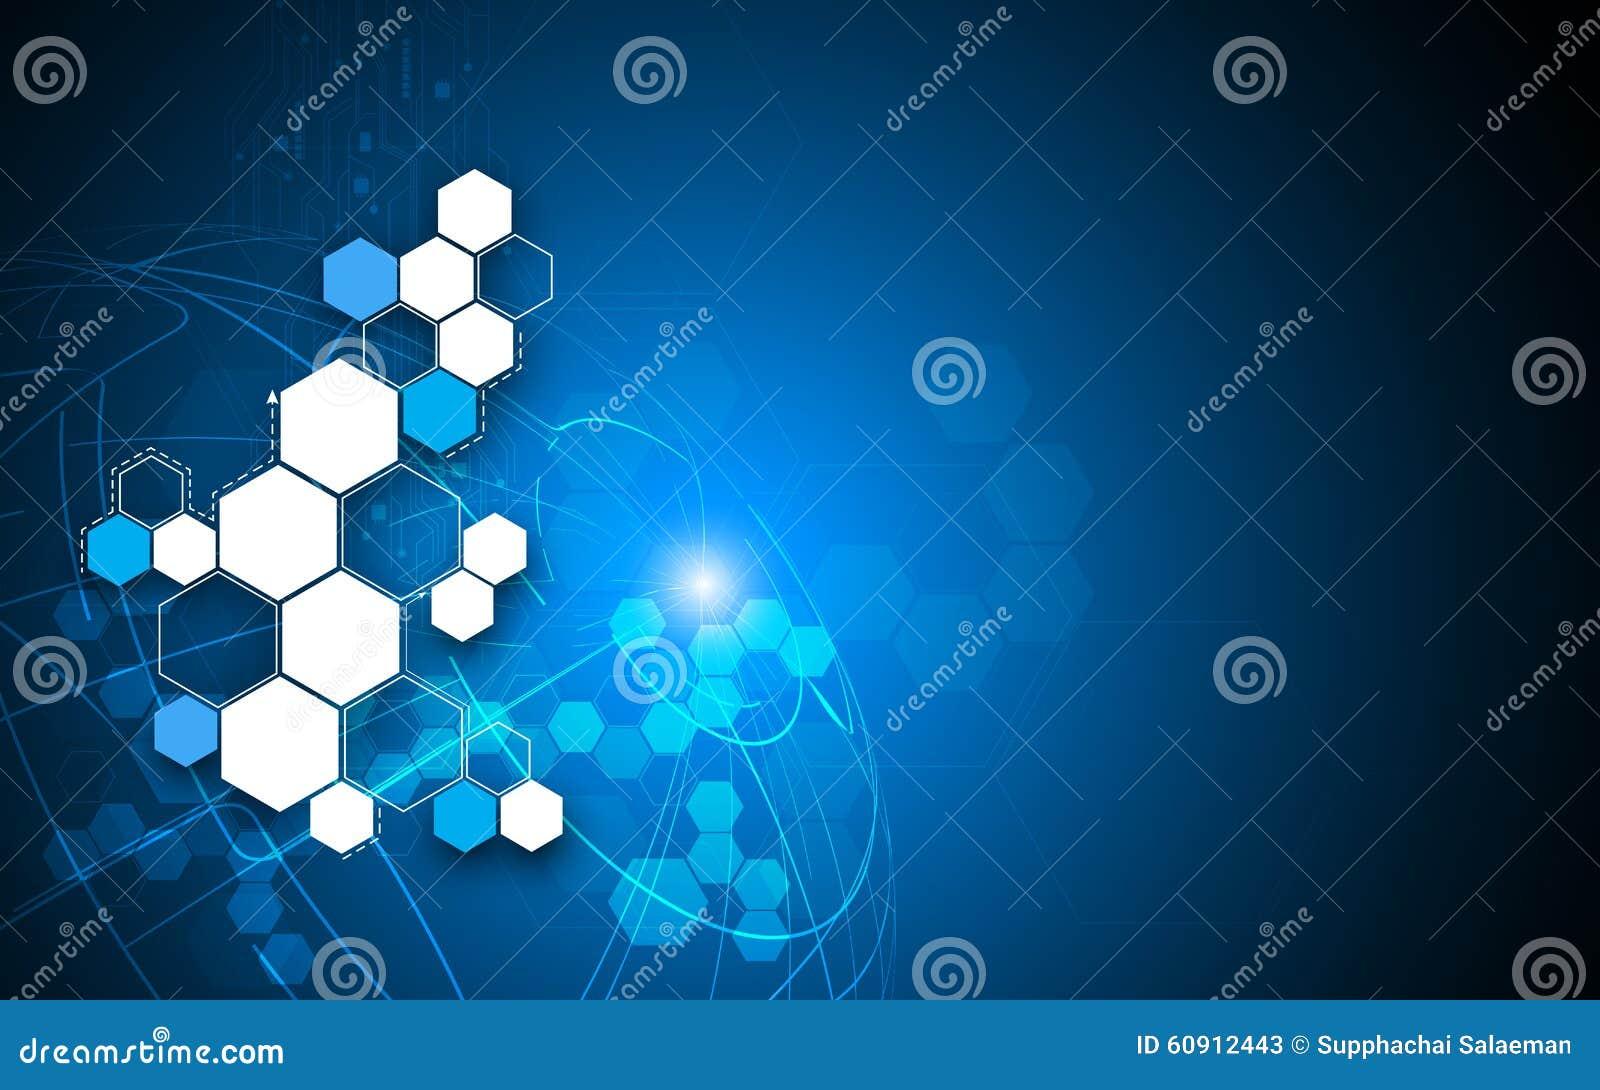 传染媒介抽象背景创新概念科学幻想小说设计 库存例证图片